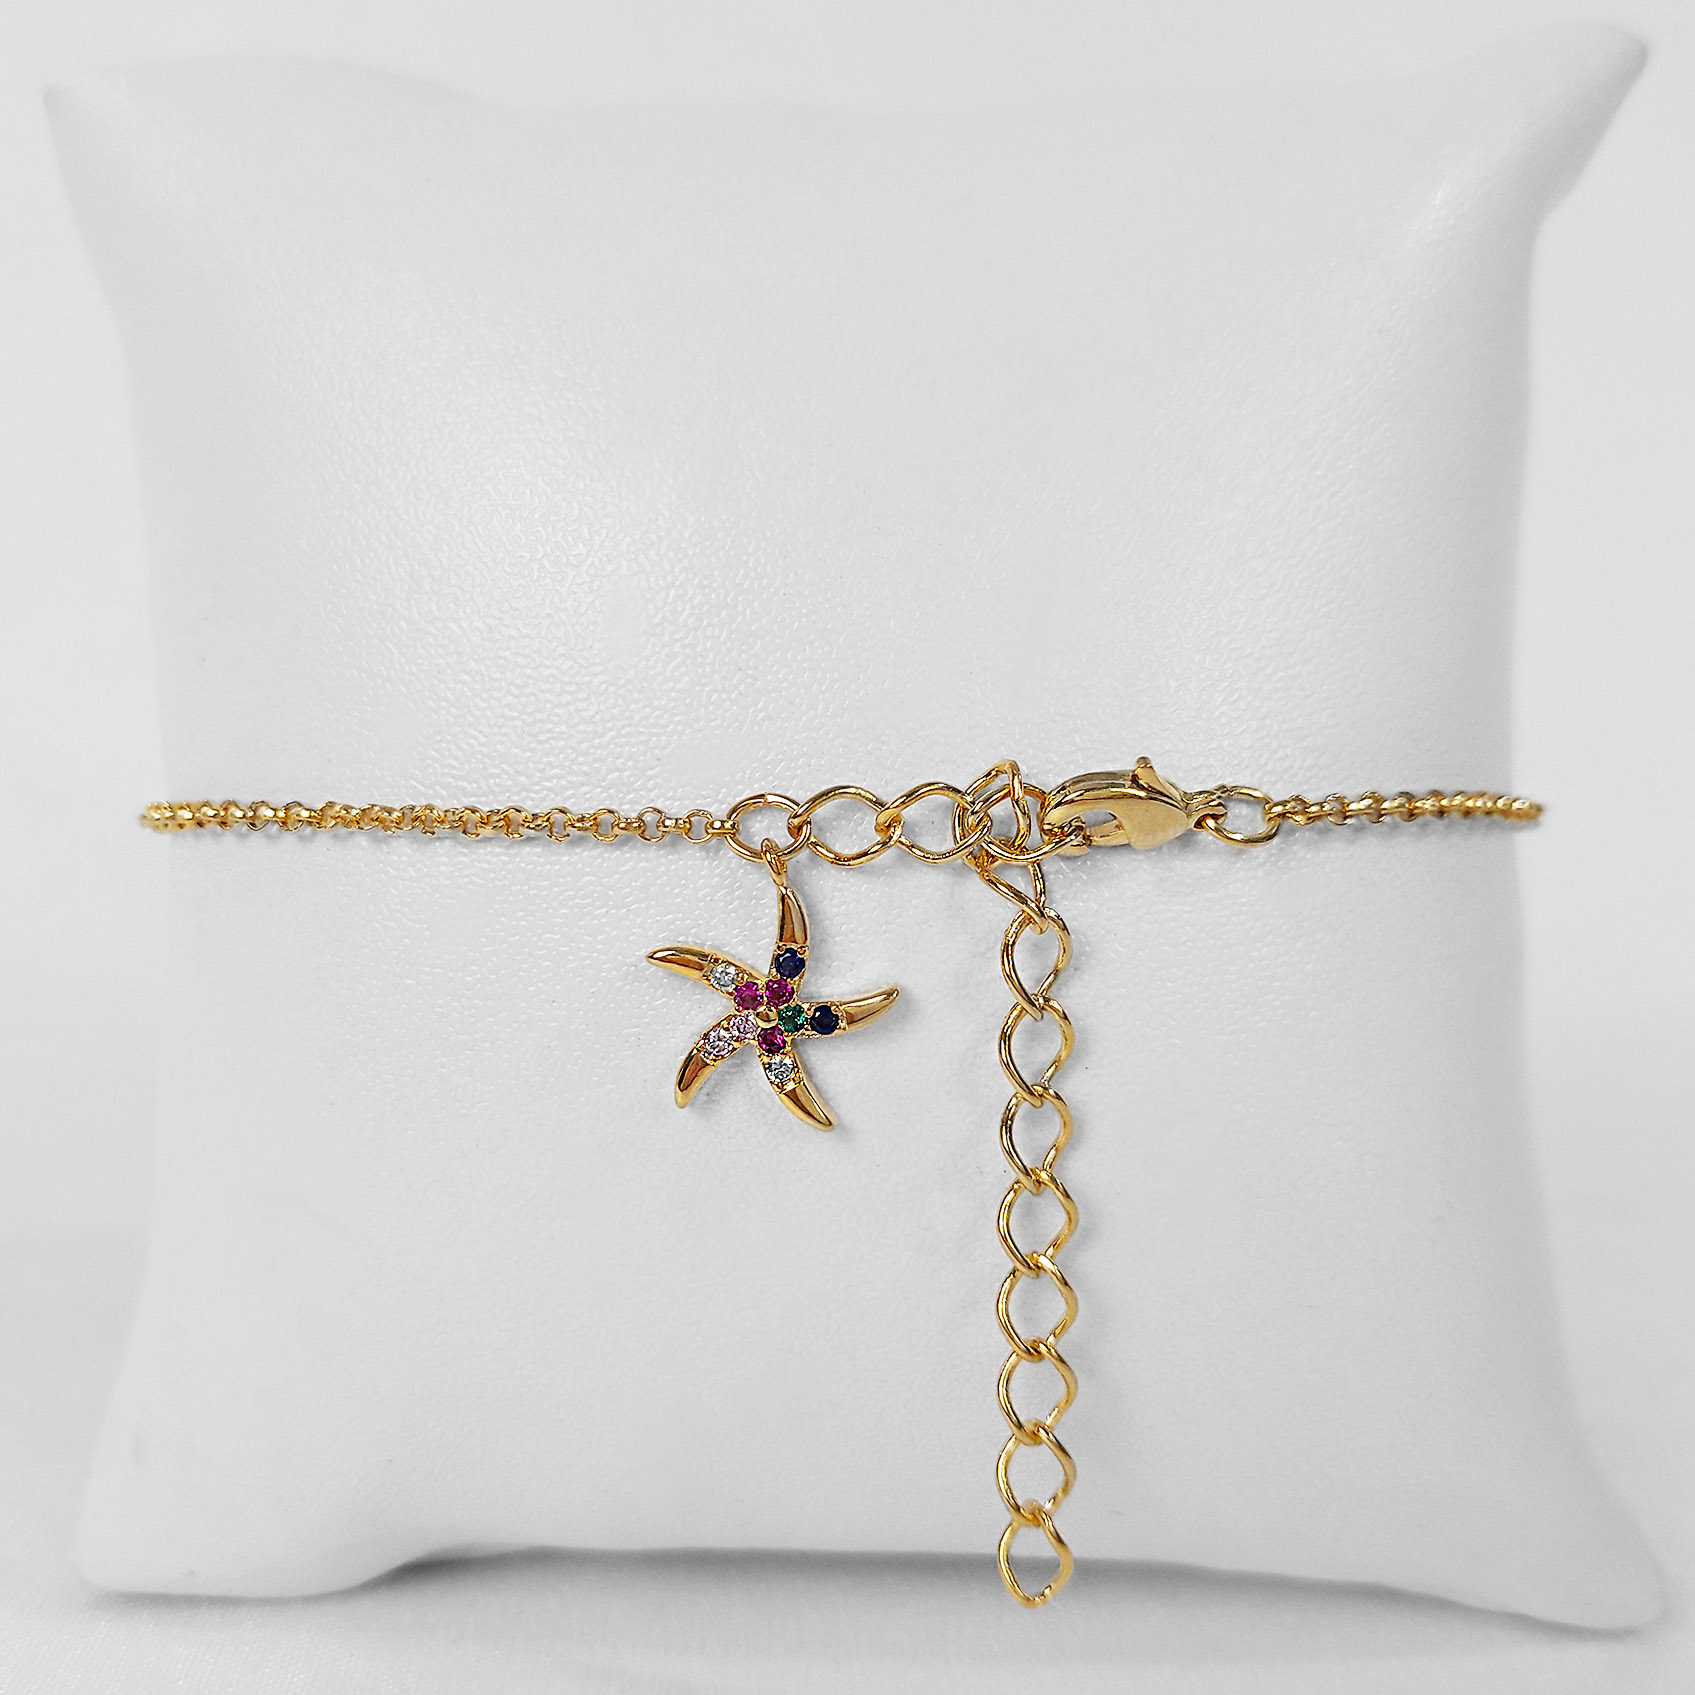 Pulseira Estrela do Mar Zircônia Colorida Folheado Ouro 18k  - Lunozê Joias